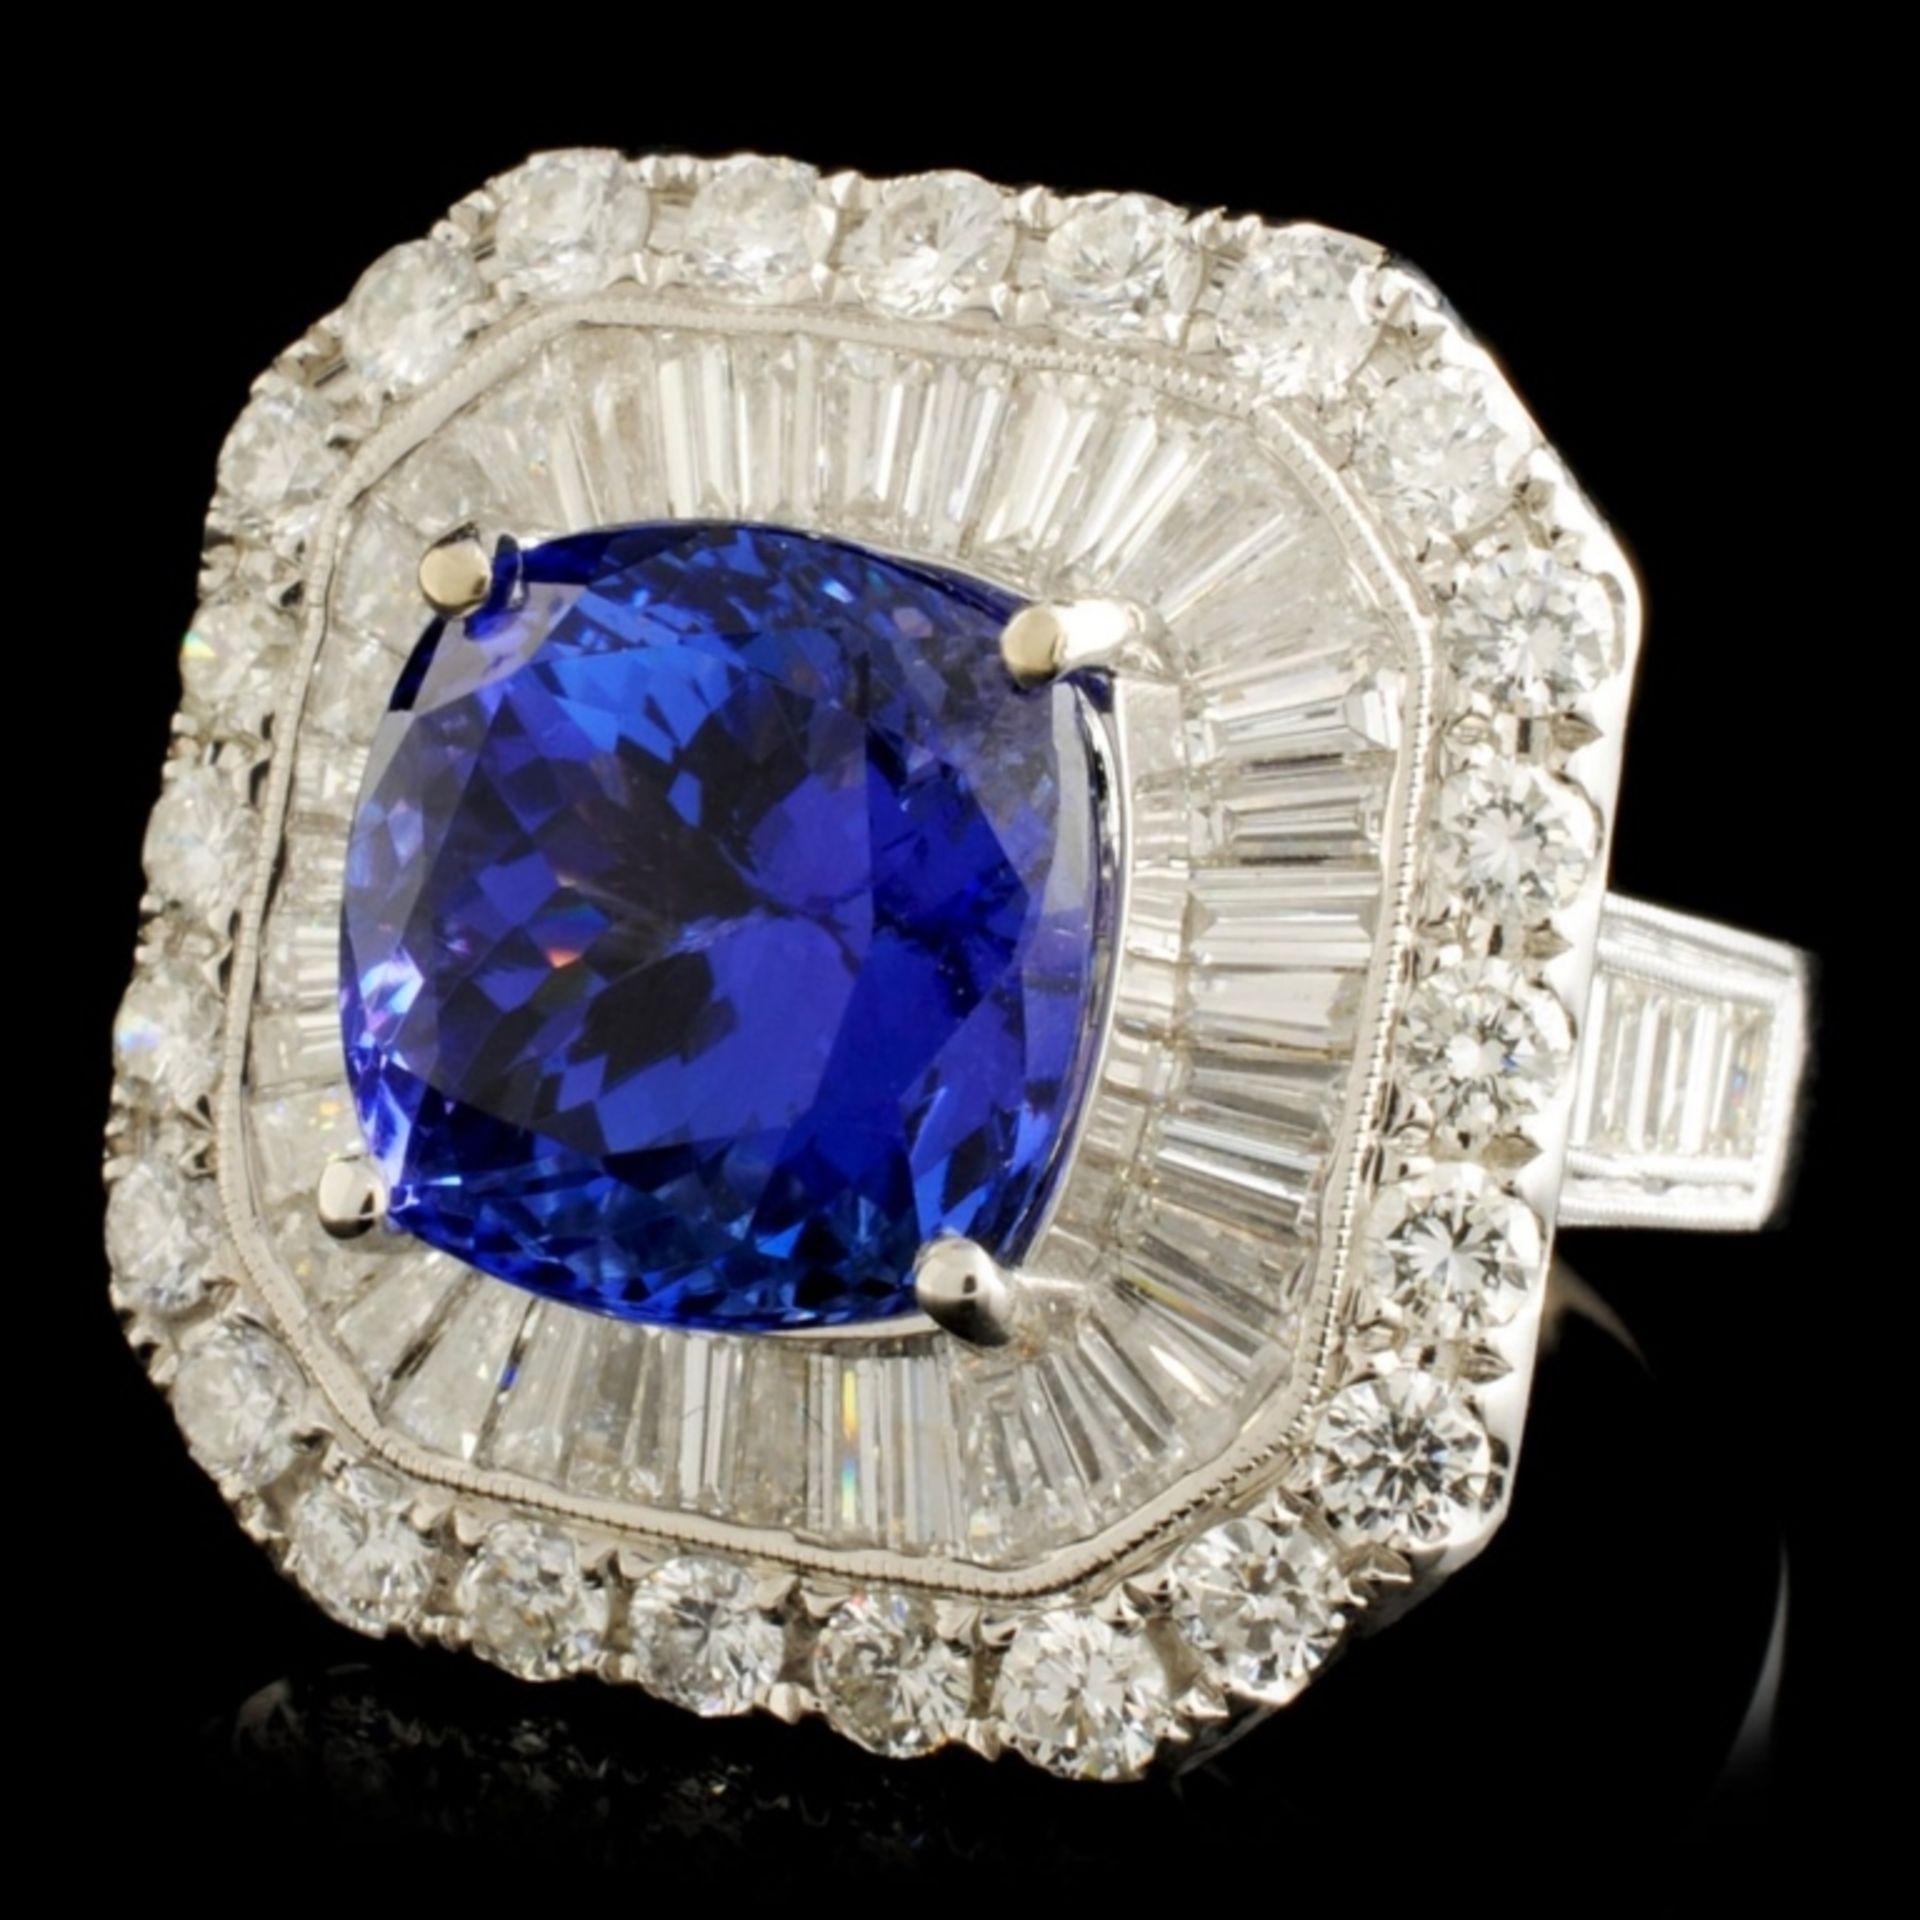 18K Gold 7.60ct Tanzanite & 3.33ctw Diamond Ring - Image 2 of 5